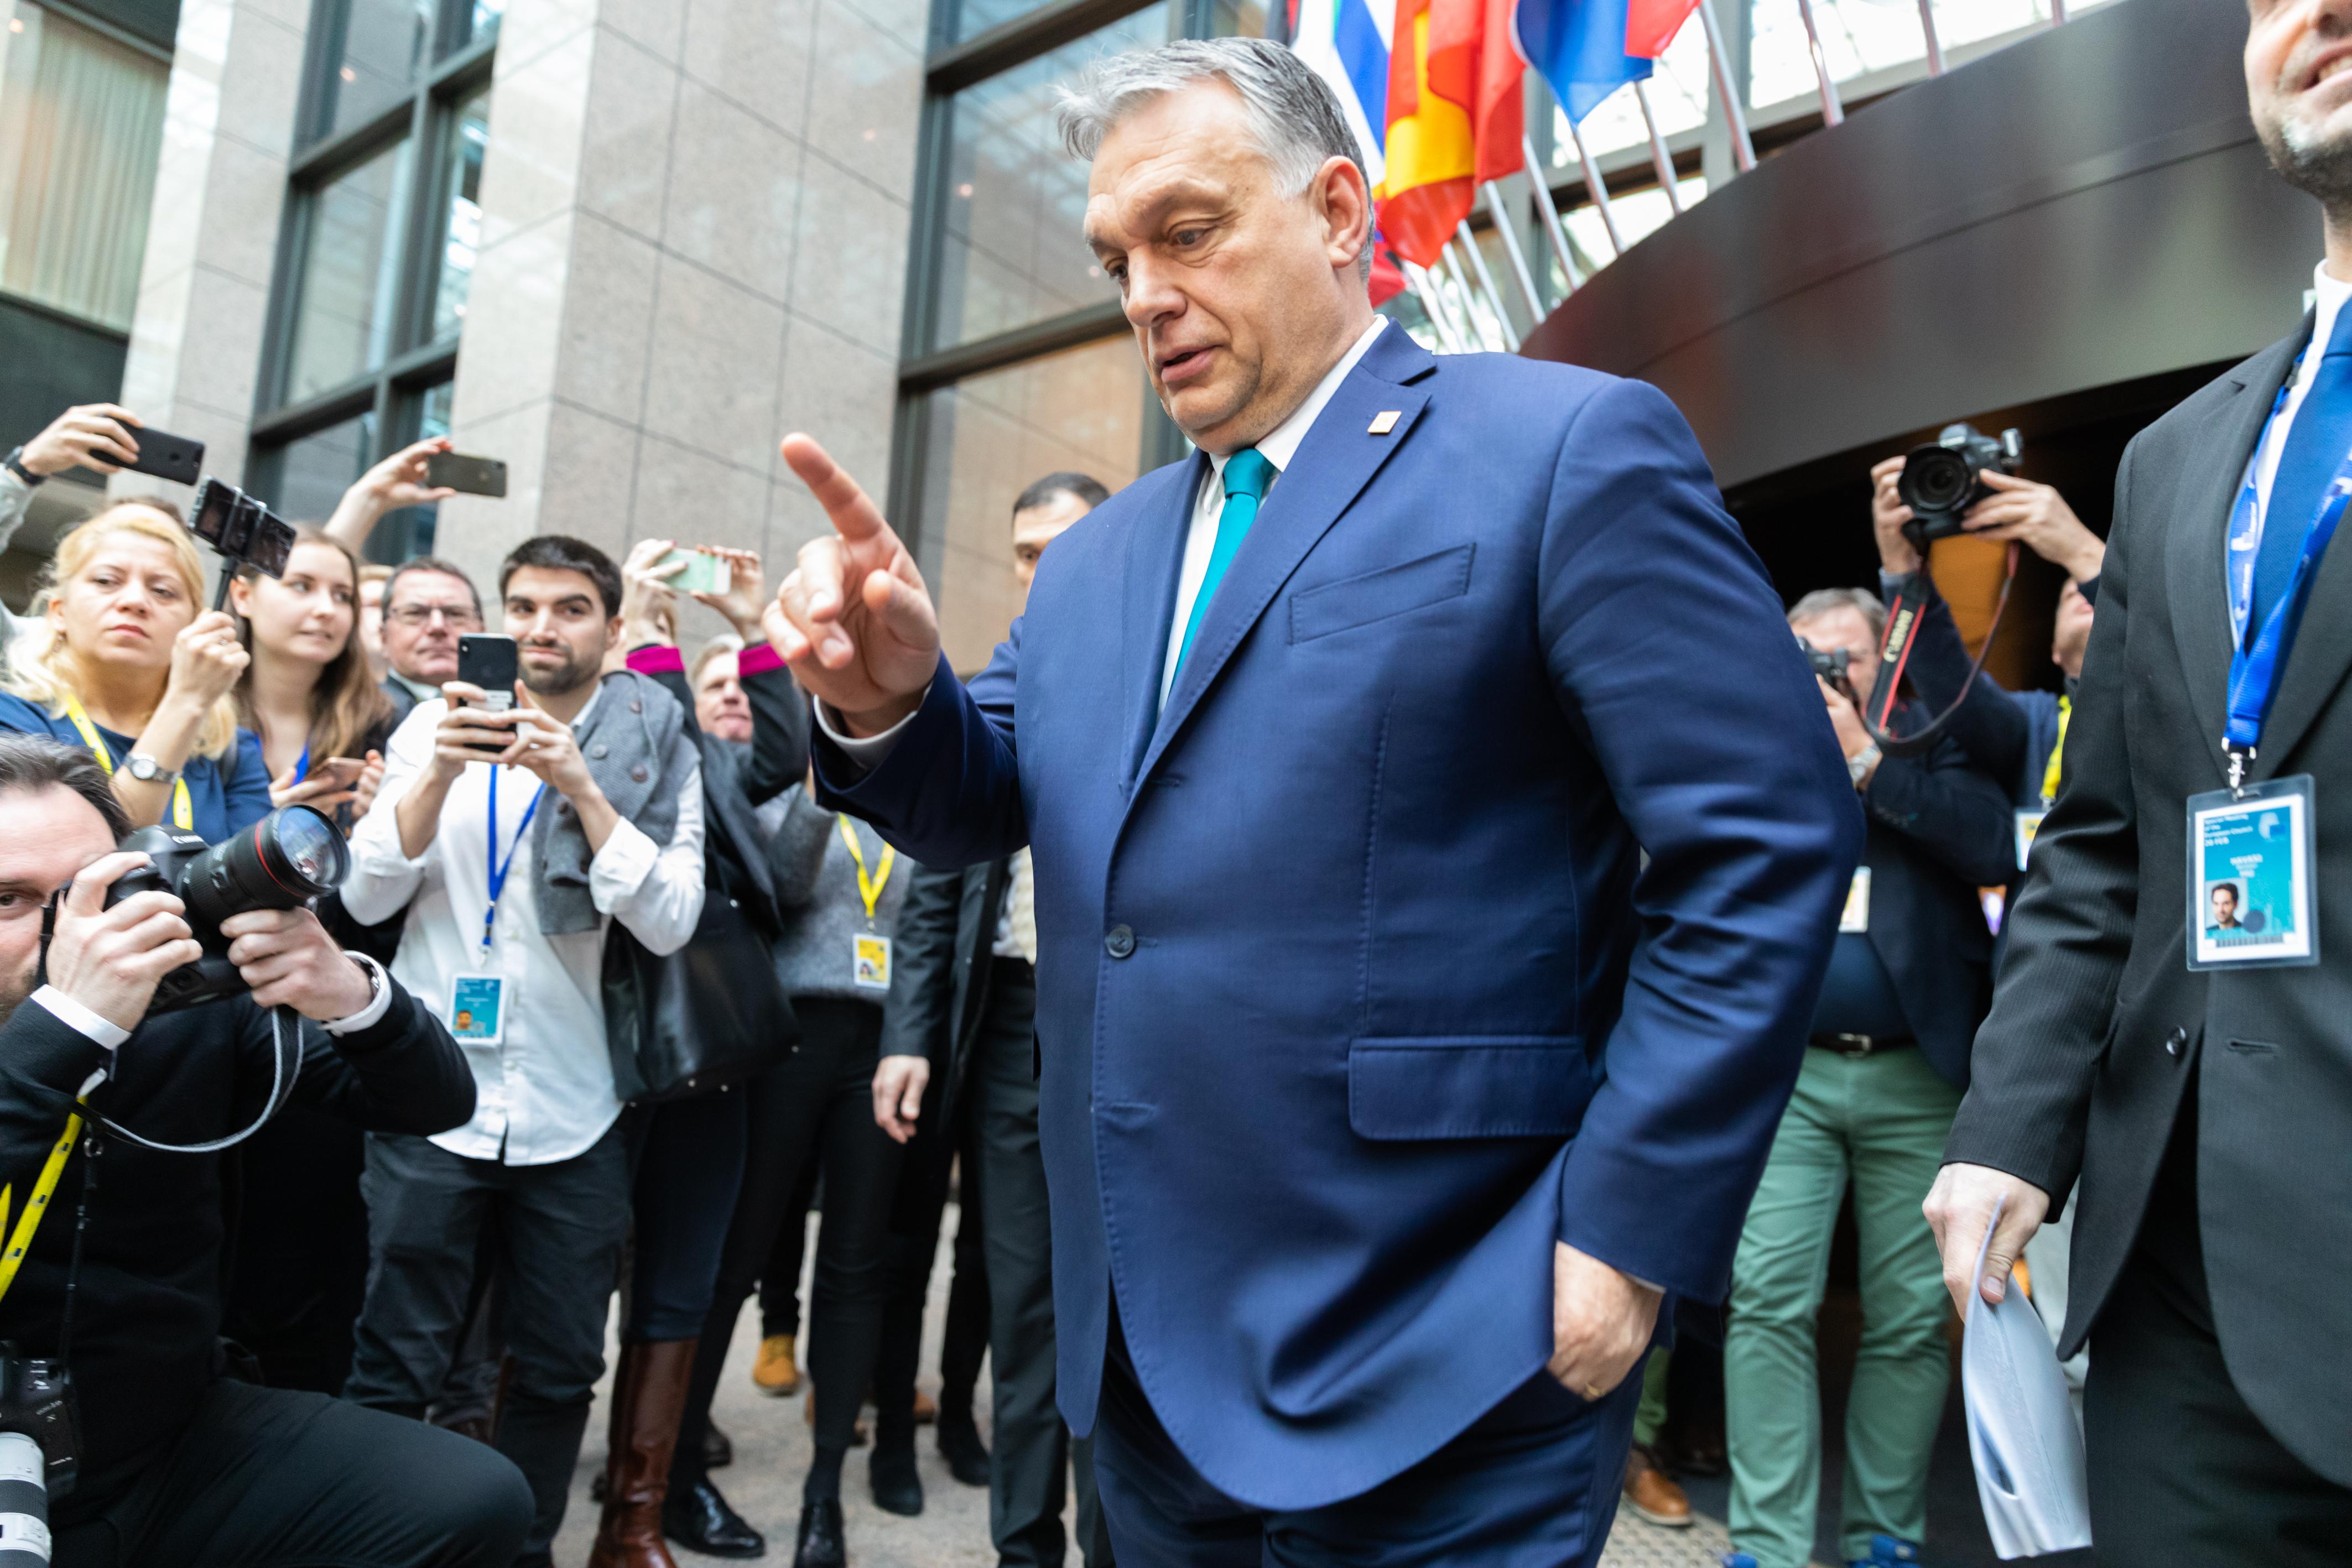 13 nyugat-európai kormány közös nyilatkozatban figyelmeztet, hogy vészhelyzetre hivatkozva sem lehet fellépni a jogállamiság és a szabad sajtó ellen